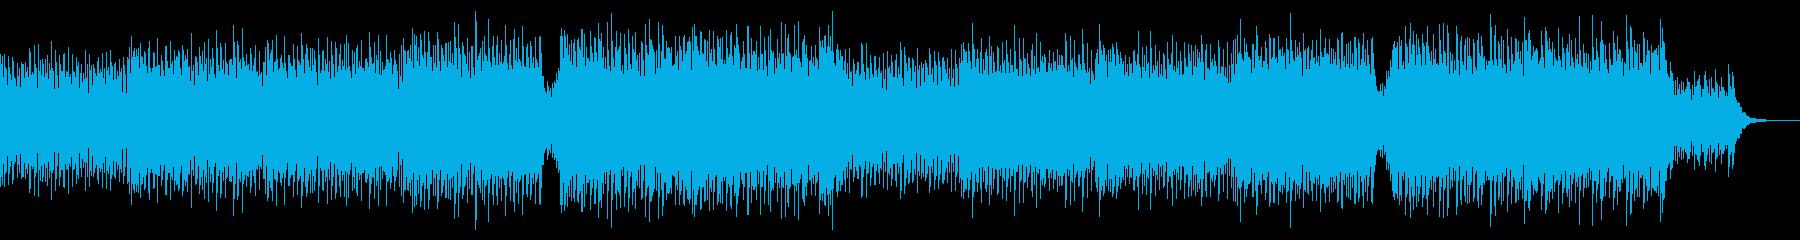 アップテンポで爽快なコーポレート系BGMの再生済みの波形